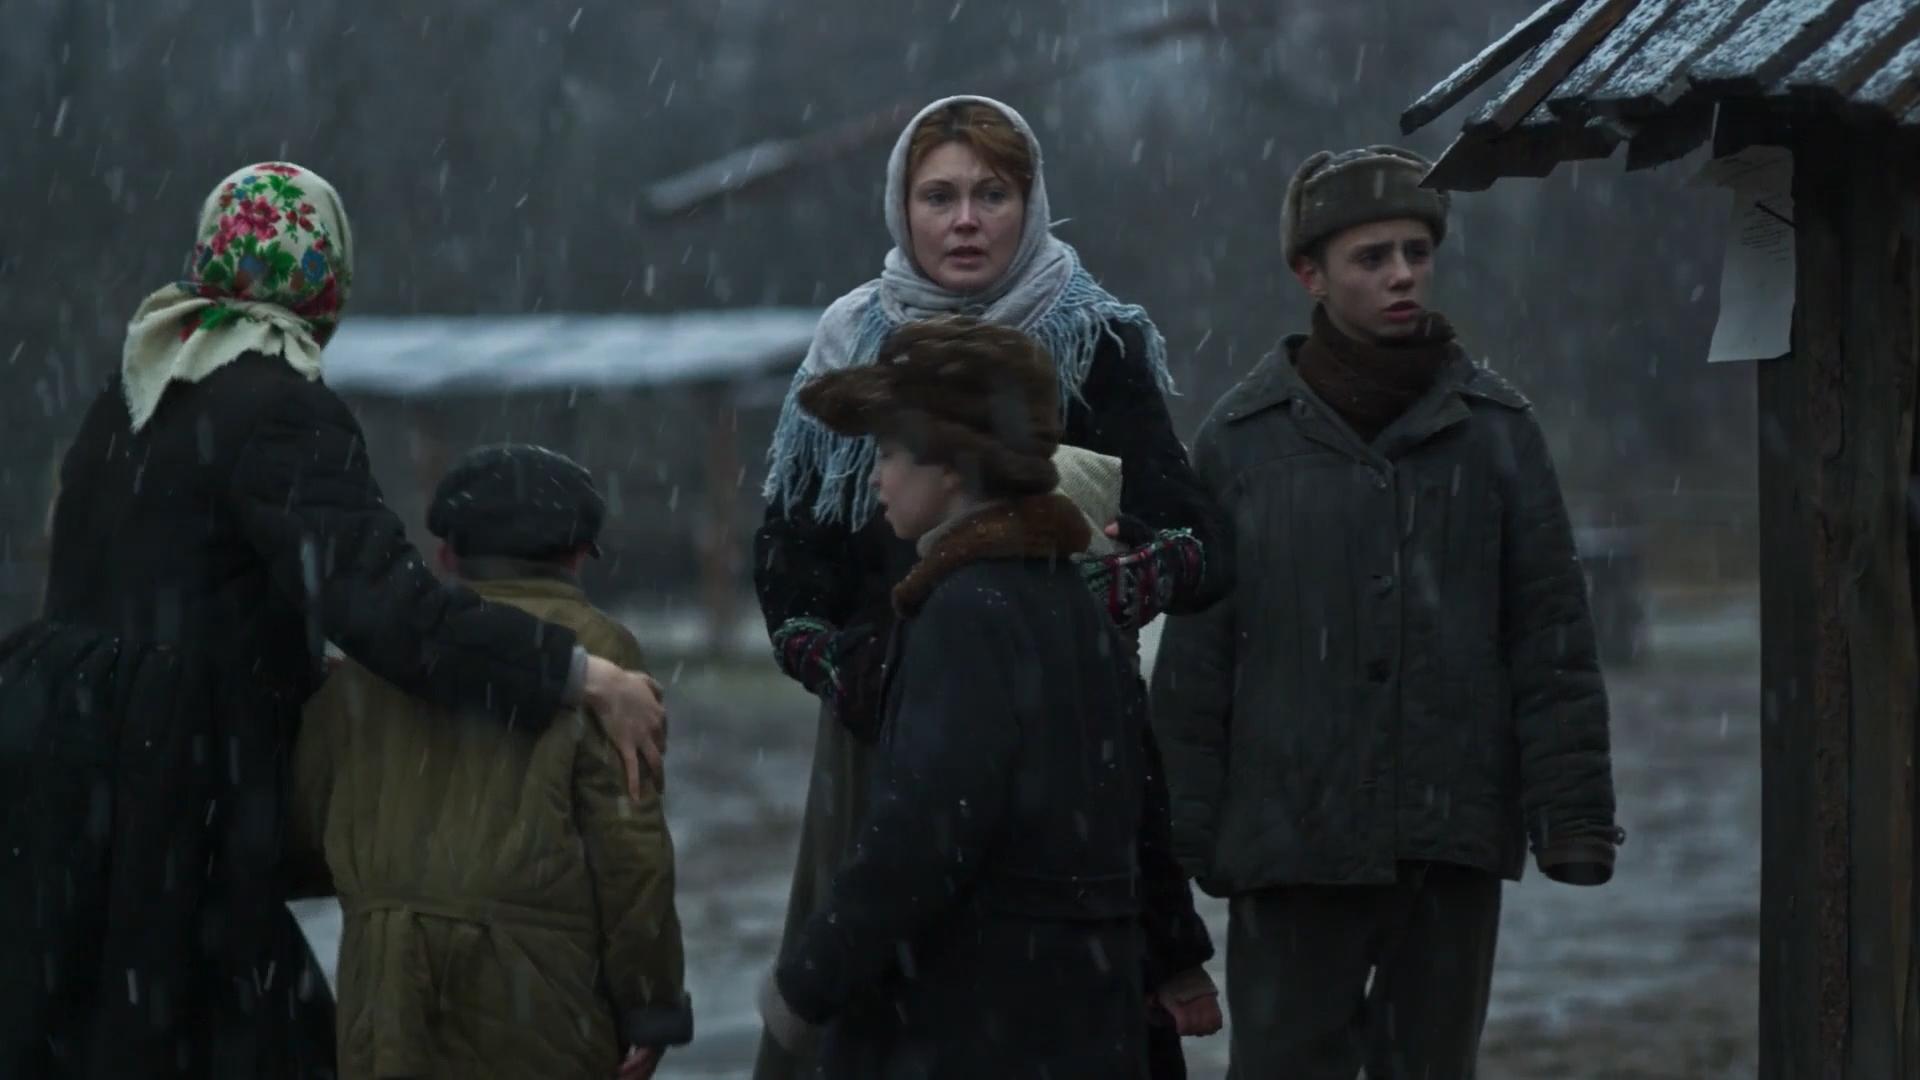 Показ фильма «Осенью 41-го» в кинозале «Люмьер» @ Люмьер (ул. Радищева, 148)